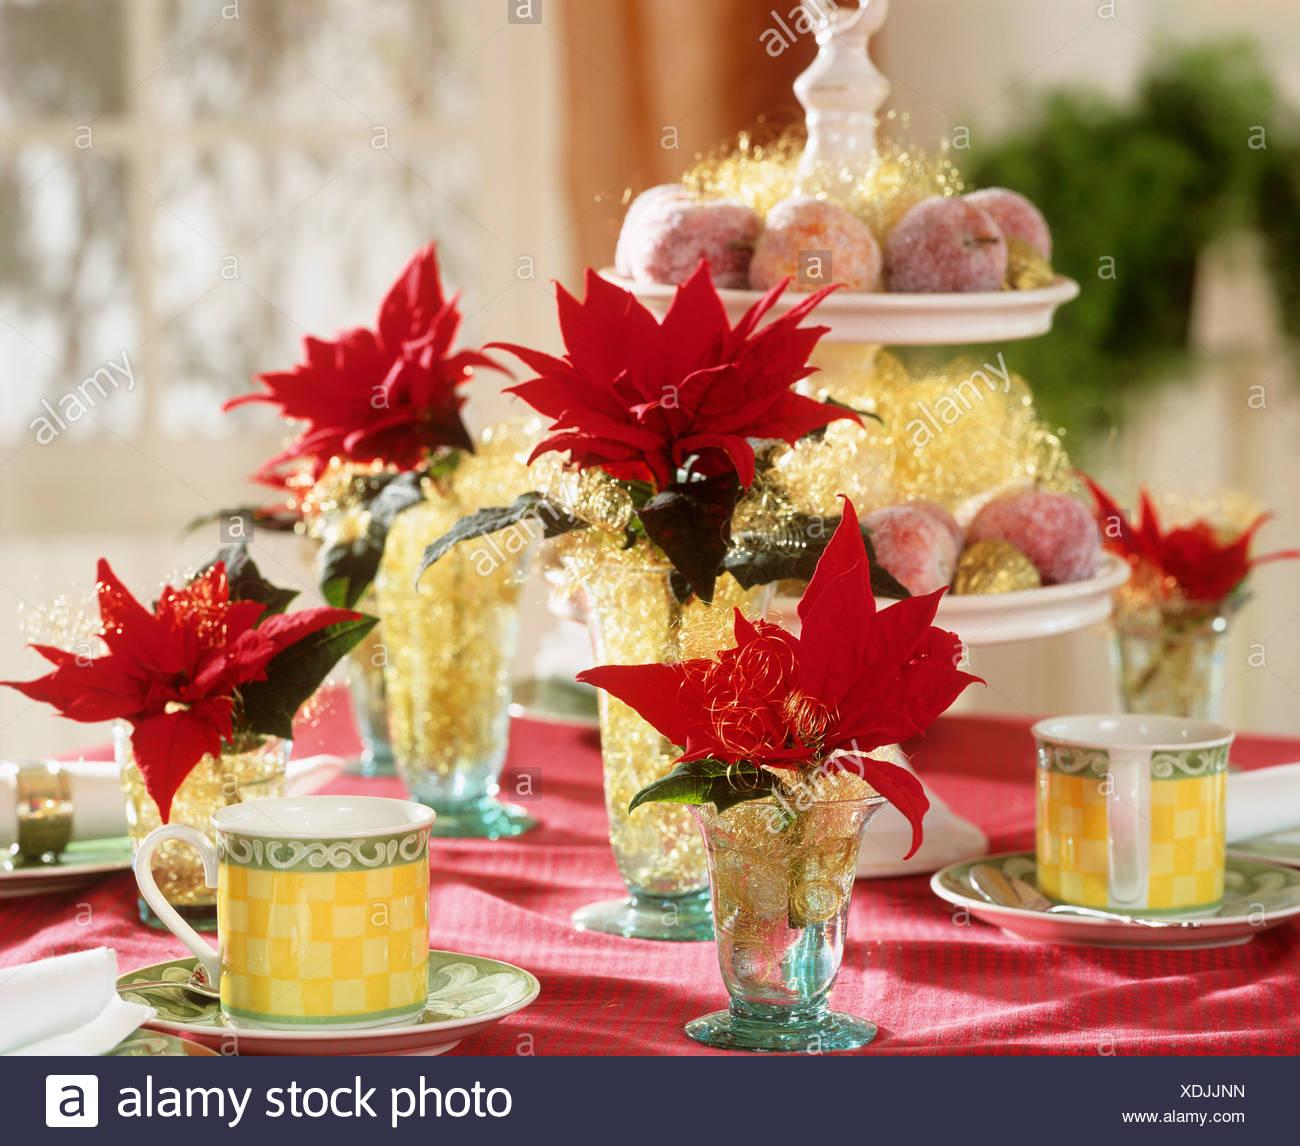 Tischdekoration Mit Weihnachtssternen Und Gezuckerten Apfel